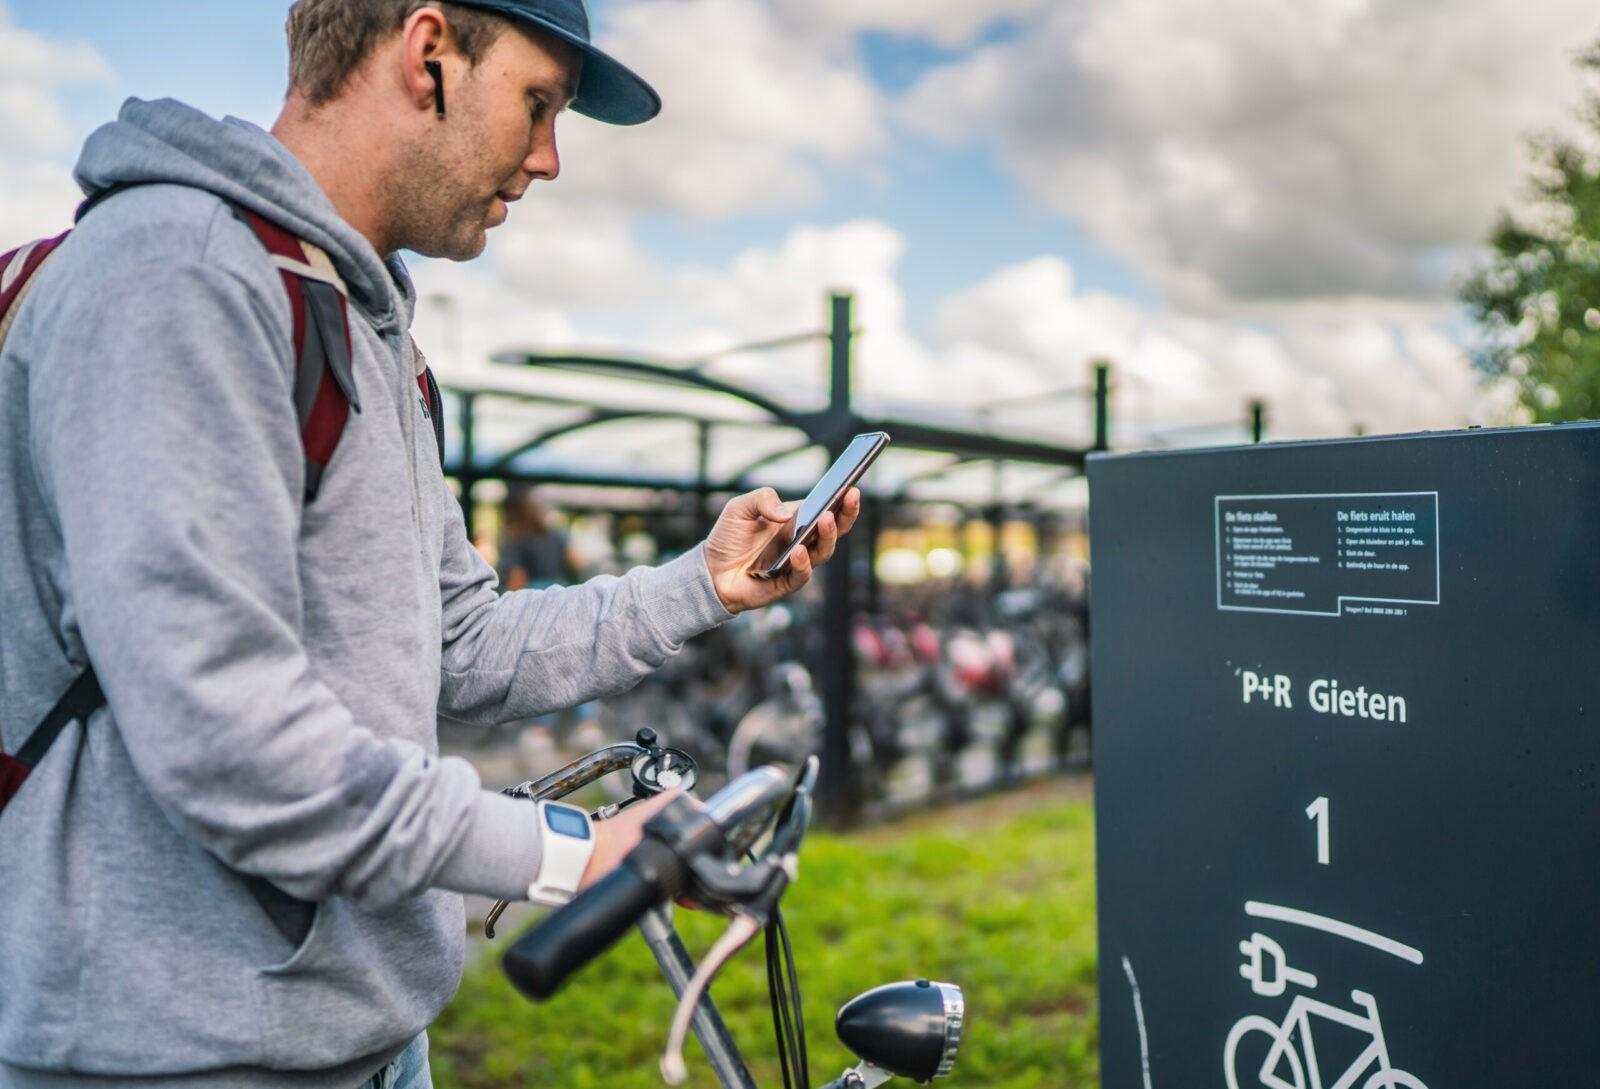 Een man gebruikt op zijn mobiel de app 'Fietskluizen' om een fietskluis te openen op een hub.